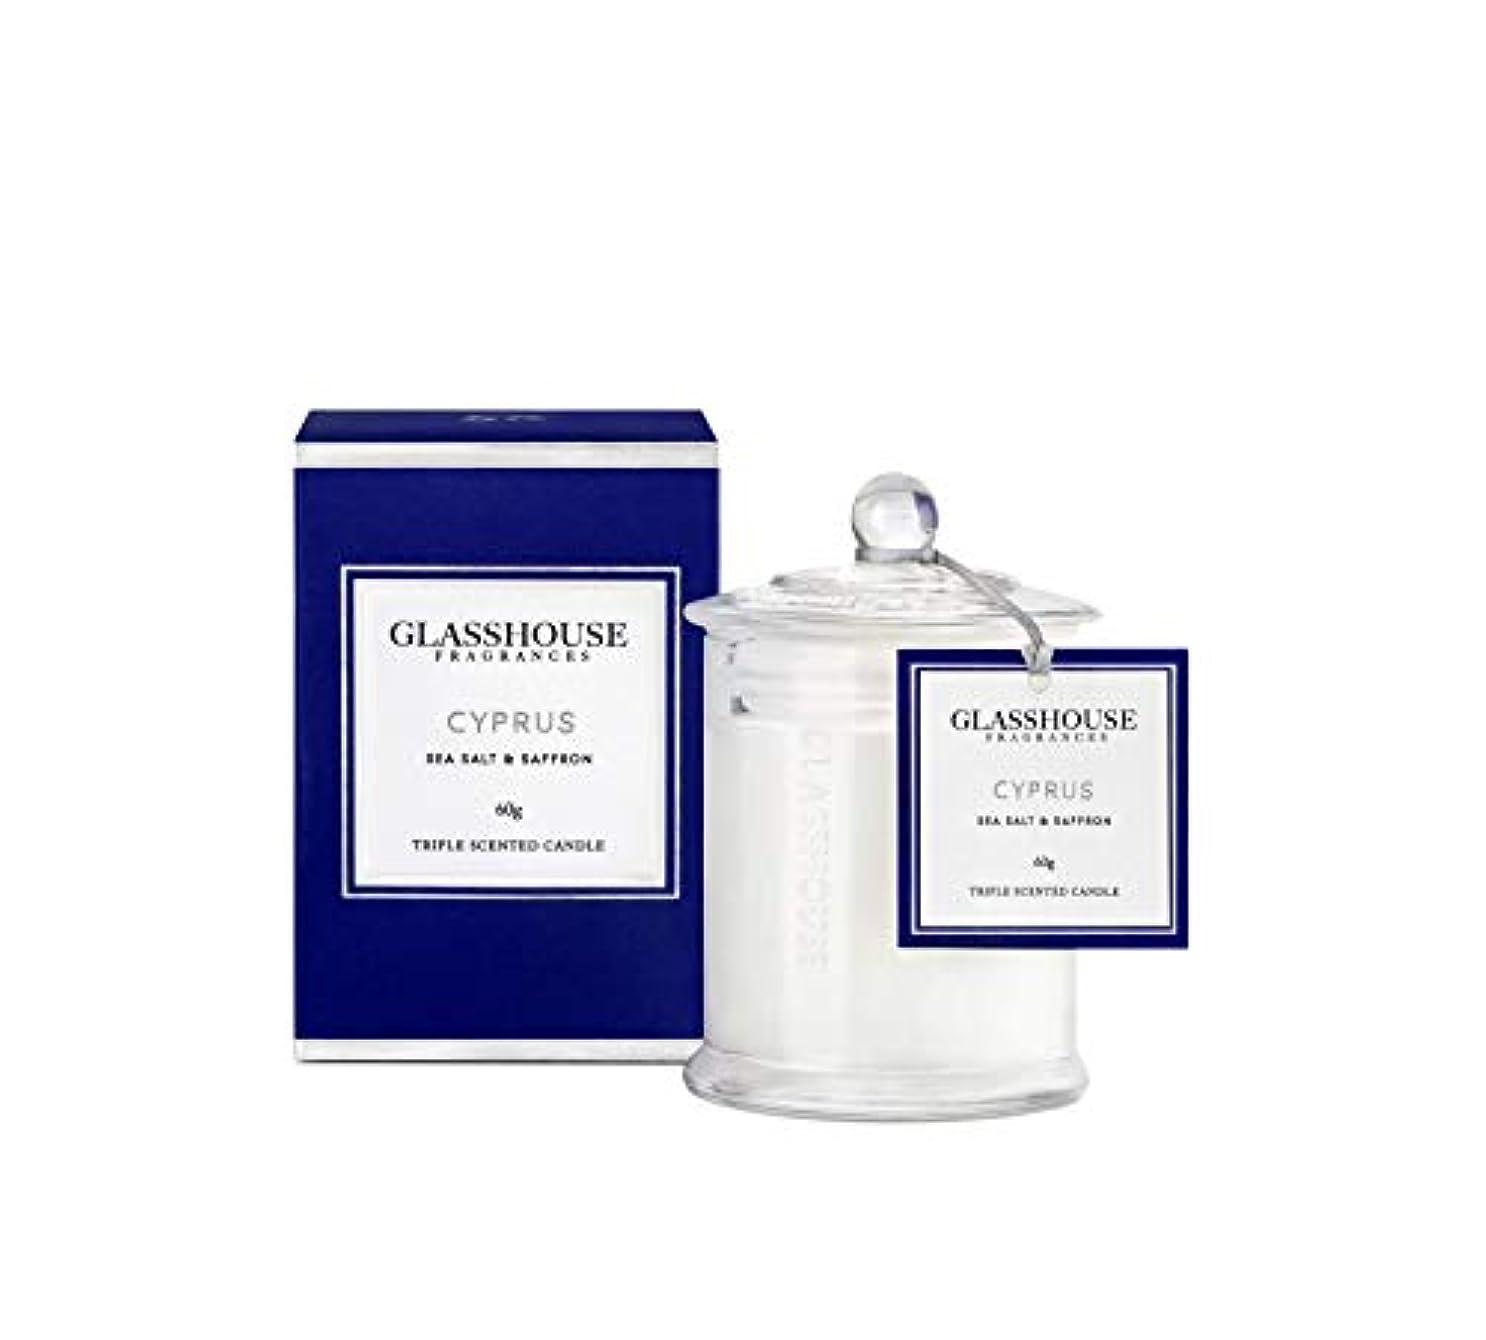 遠えクラフト包括的グラスハウス Triple Scented Candle - Cyprus (Sea Salt & Saffron) 60g並行輸入品